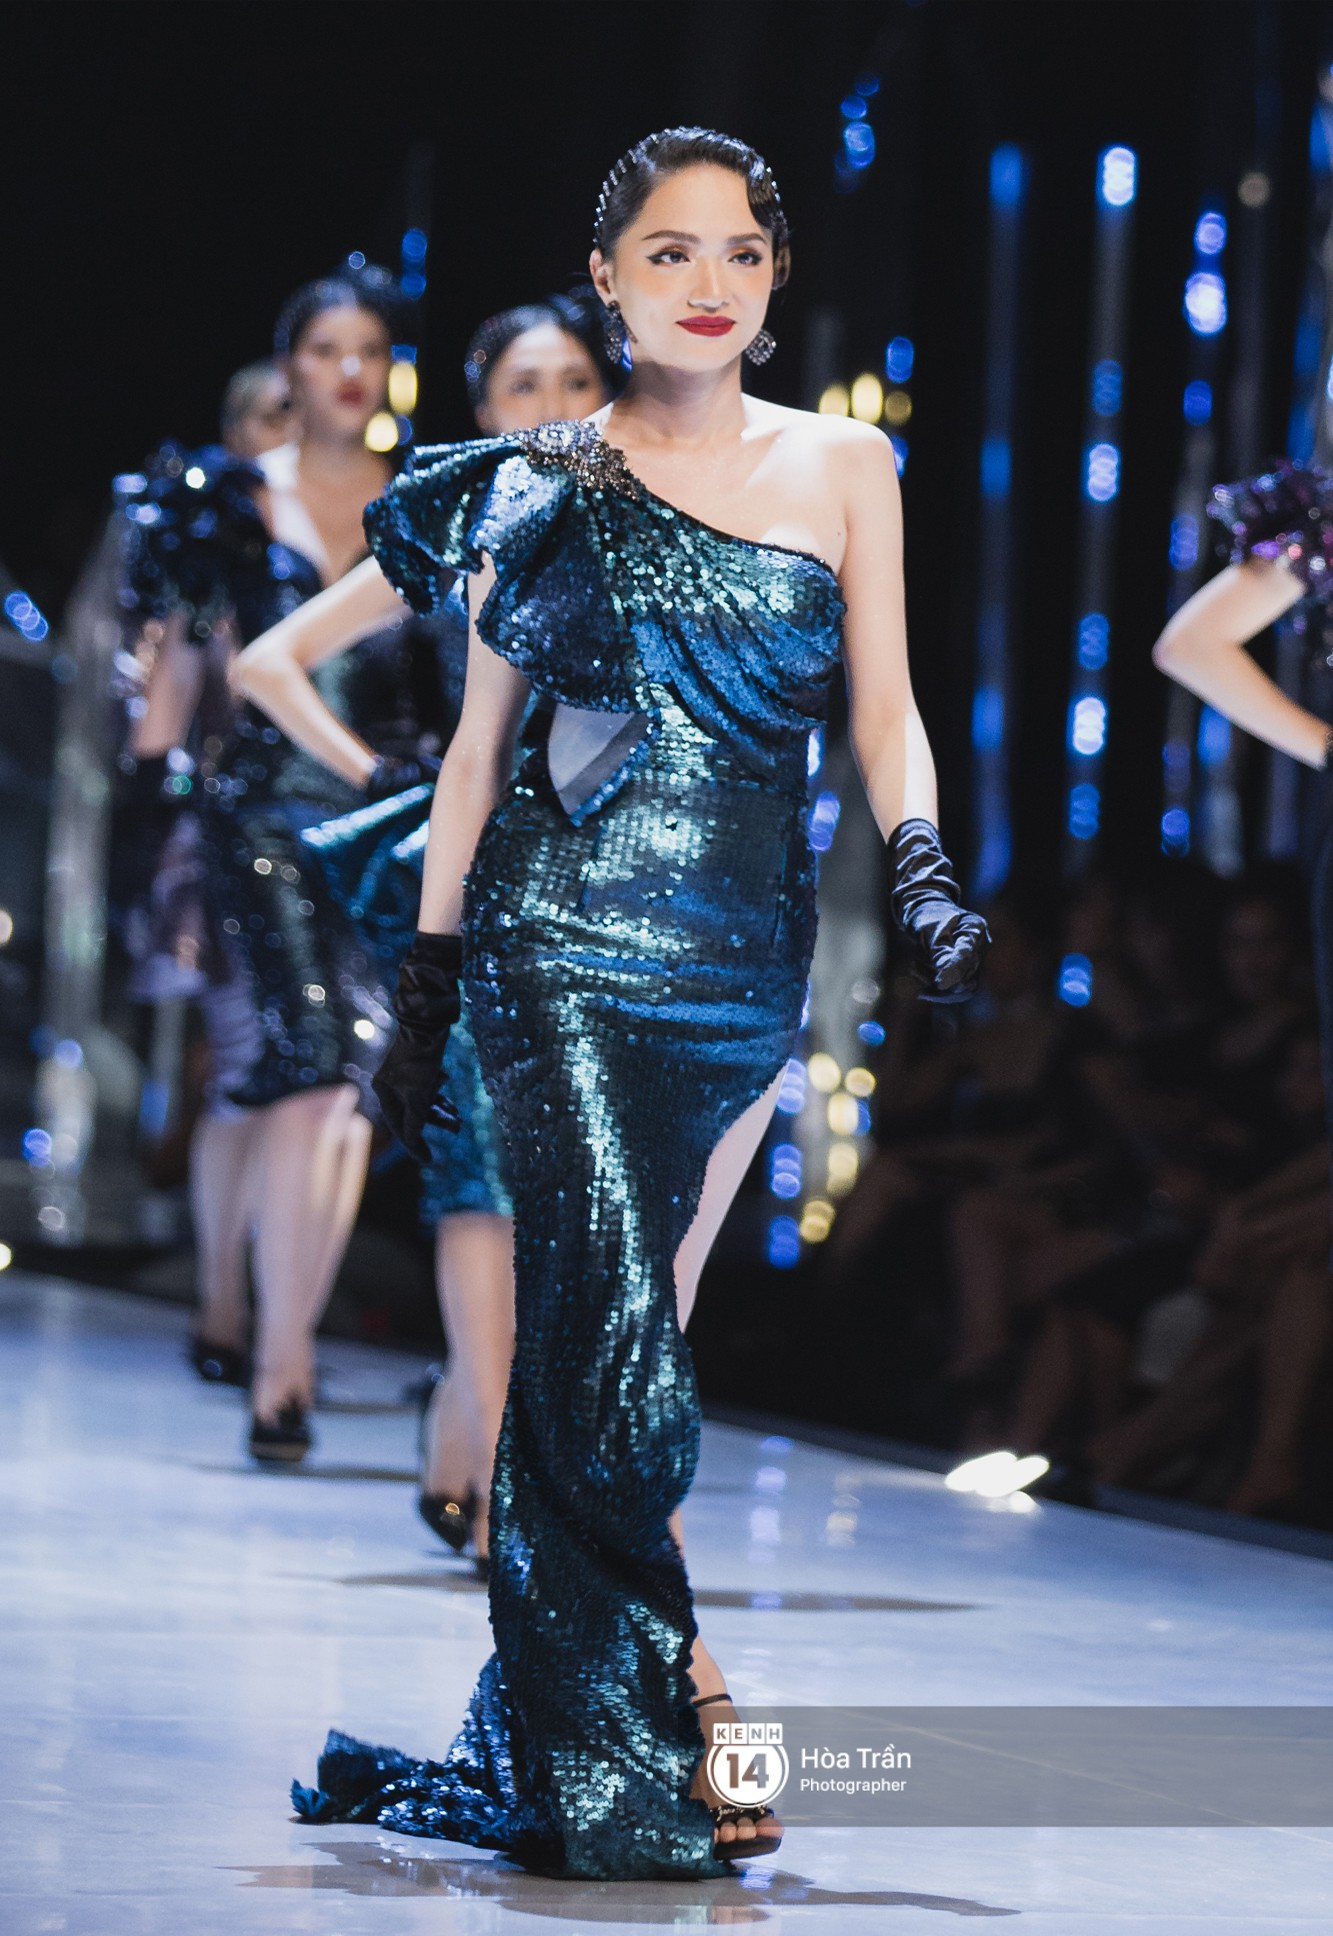 Tiểu Vy tự tin đảm nhận vị thế vedette, chẳng yếu thế chút nào khi sánh đôi bên dàn Hoa hậu đàn chị - Ảnh 9.